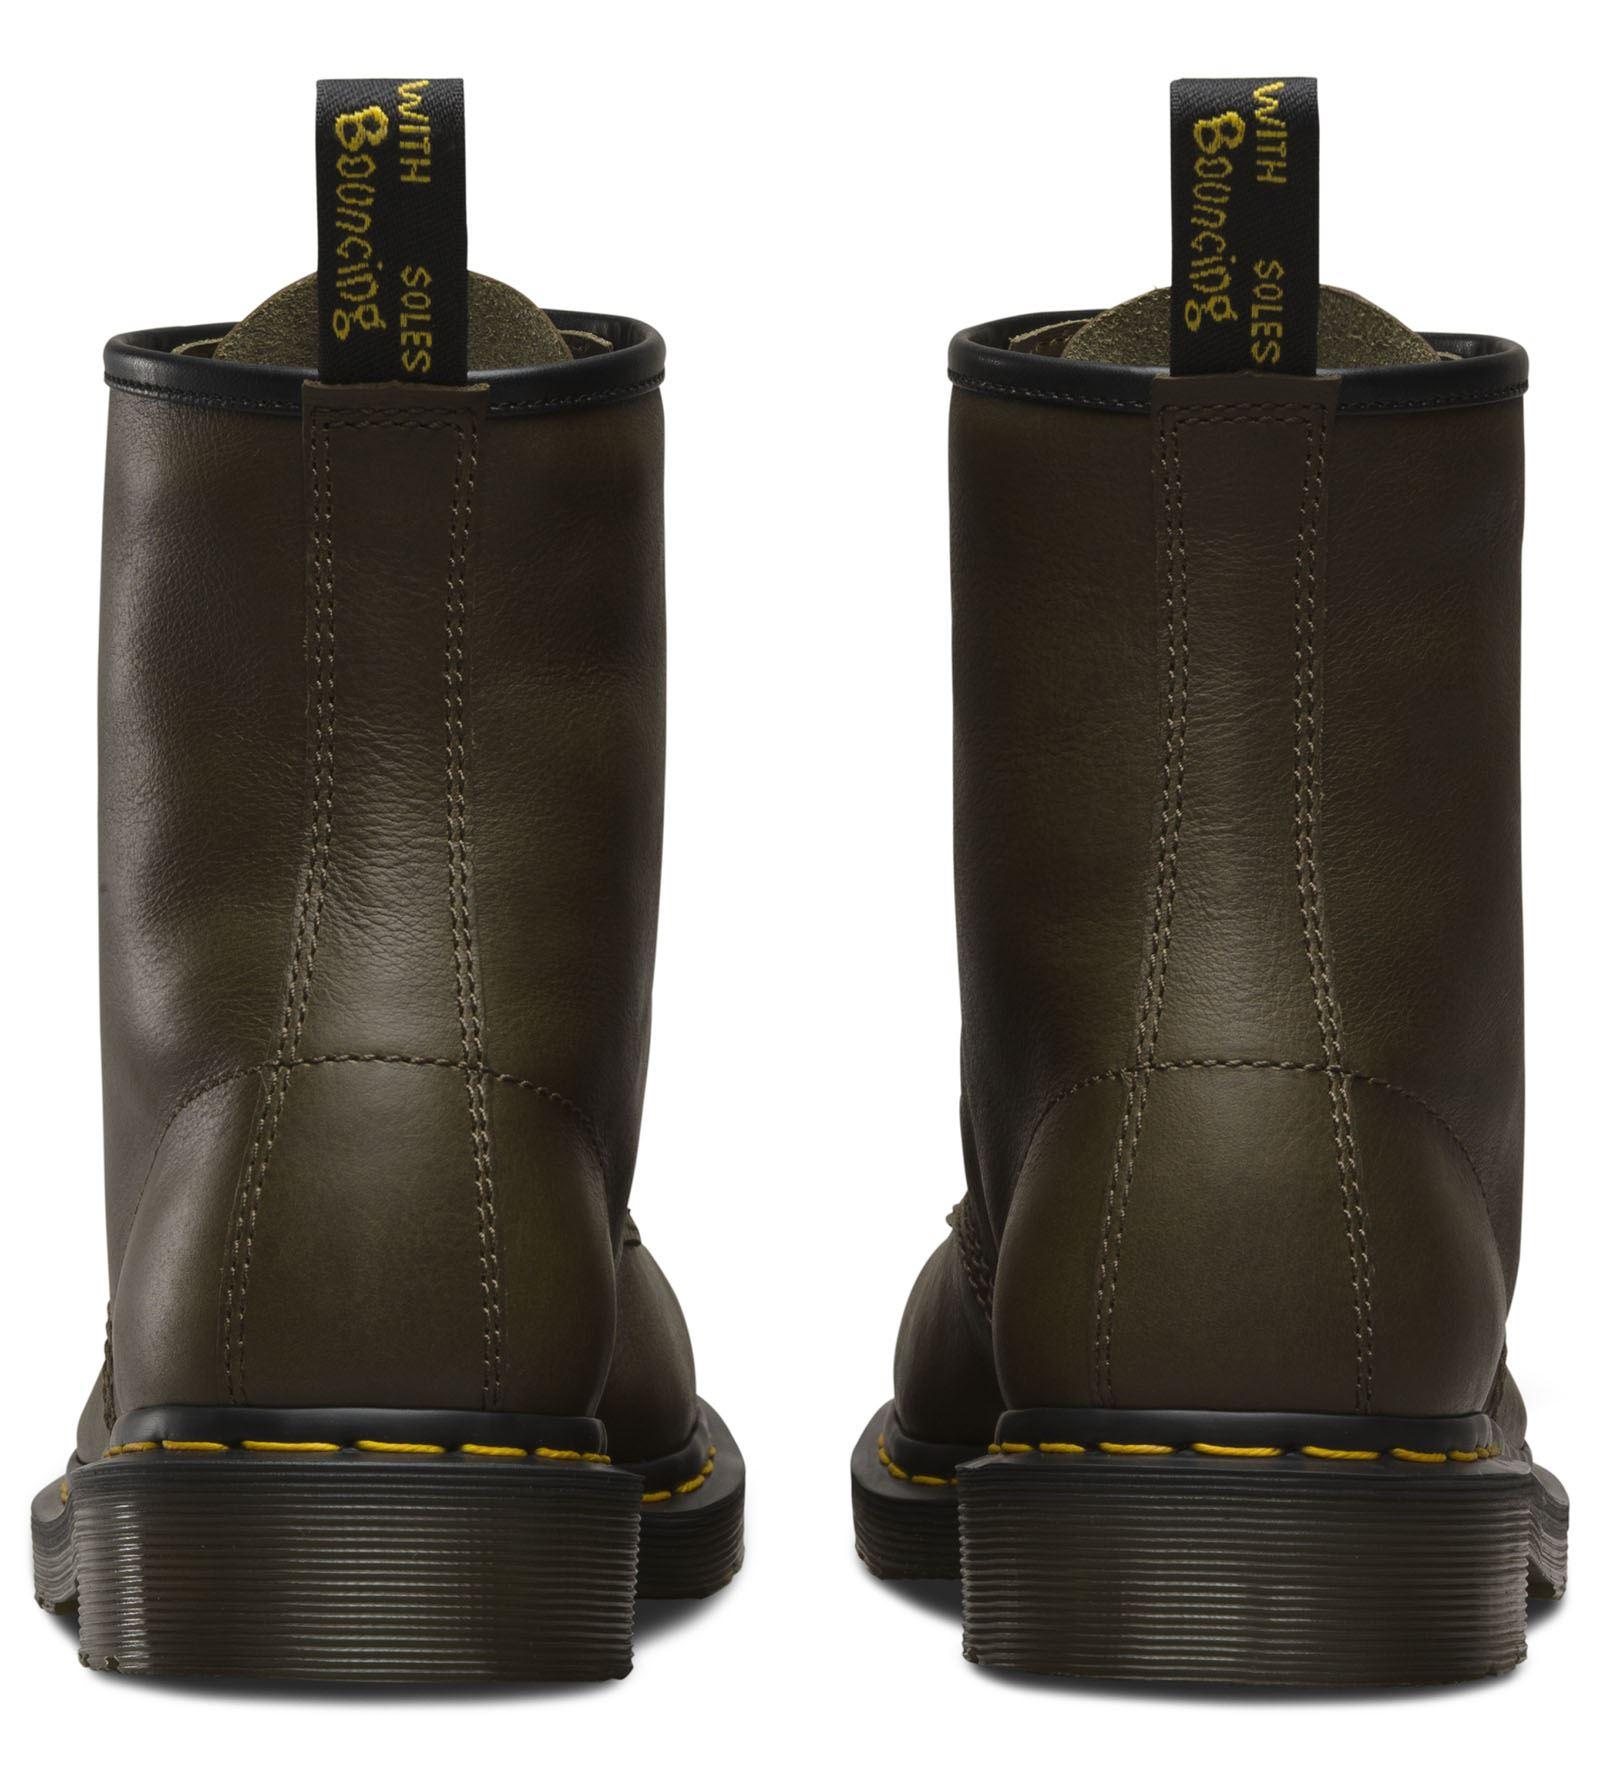 Dr Martens 1460 Carpathian Oily Textured Premium Leather ...